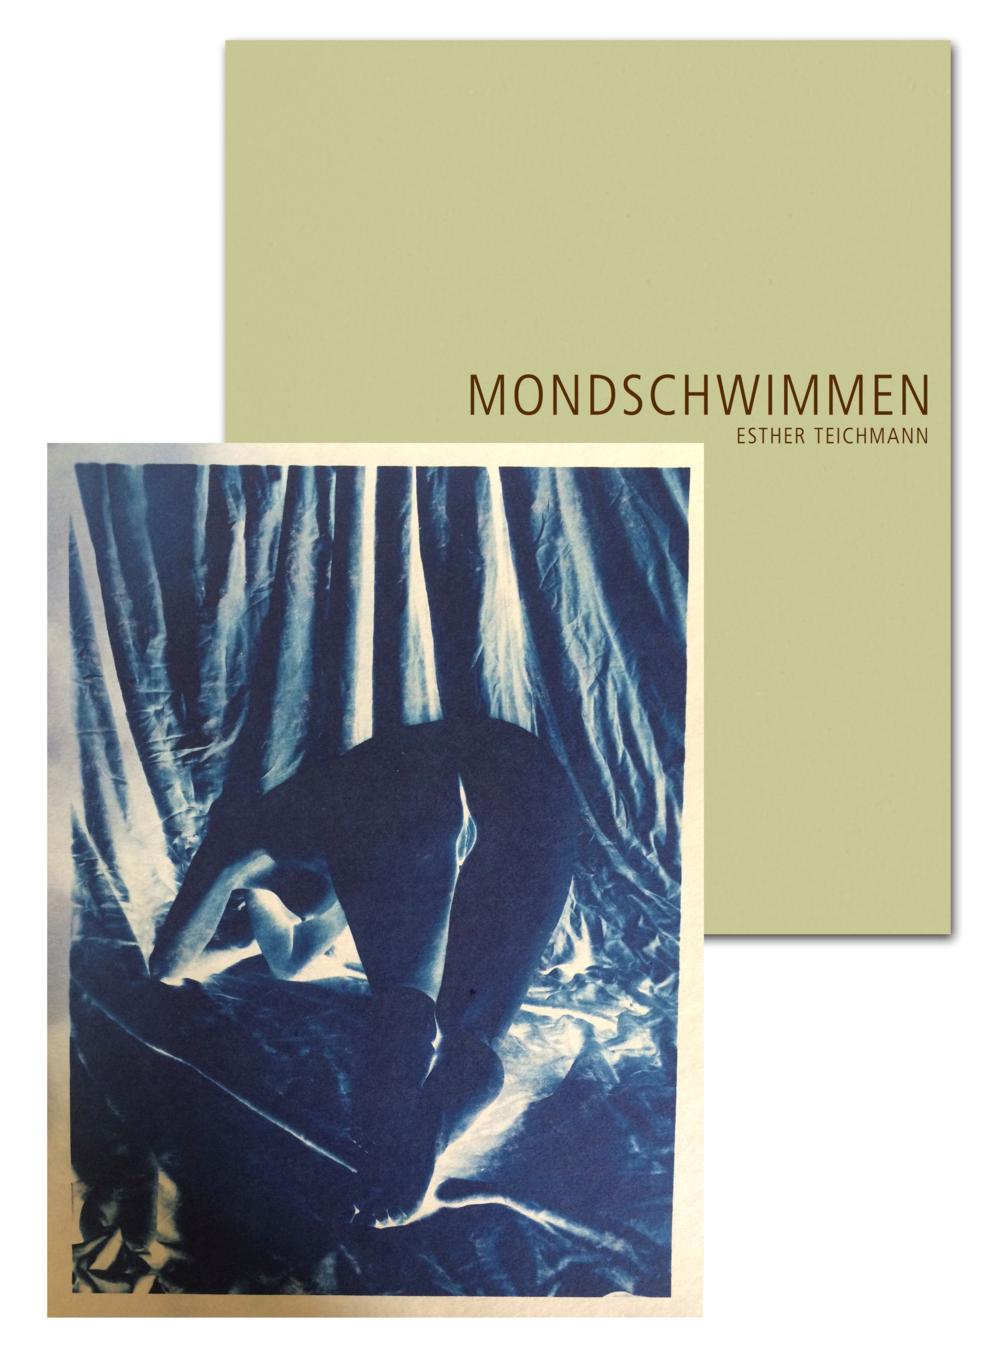 """VERGRIFFEN     Edition 2 Esther Teichmann  """"Mondschwimmen""""  Katalog deutsch / englisch, signiert, nummeriert, mit einer Cyanotypie Auflage 25   Preis: 150 €"""